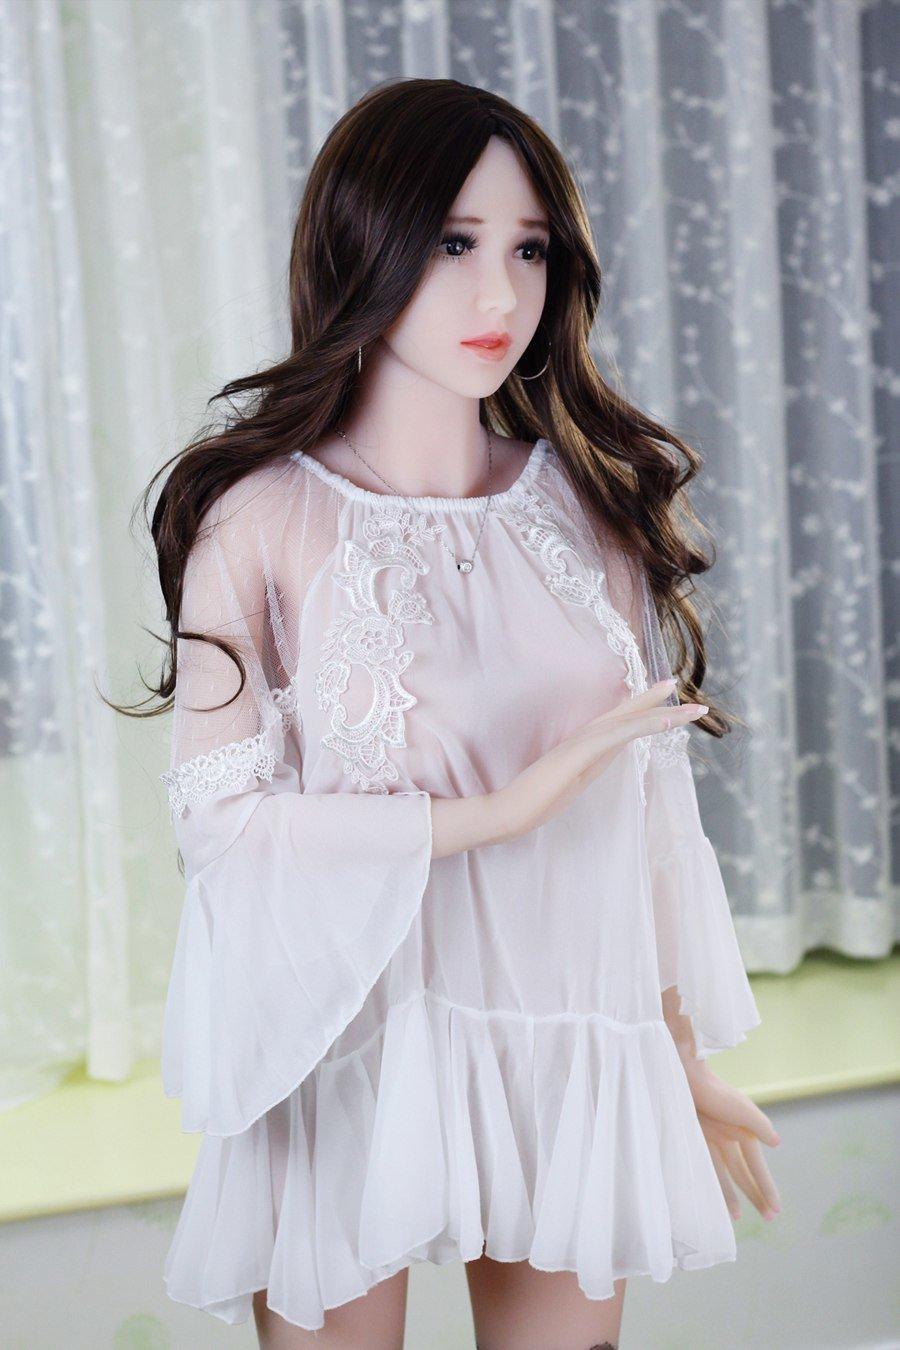 Ann 161cm sex doll